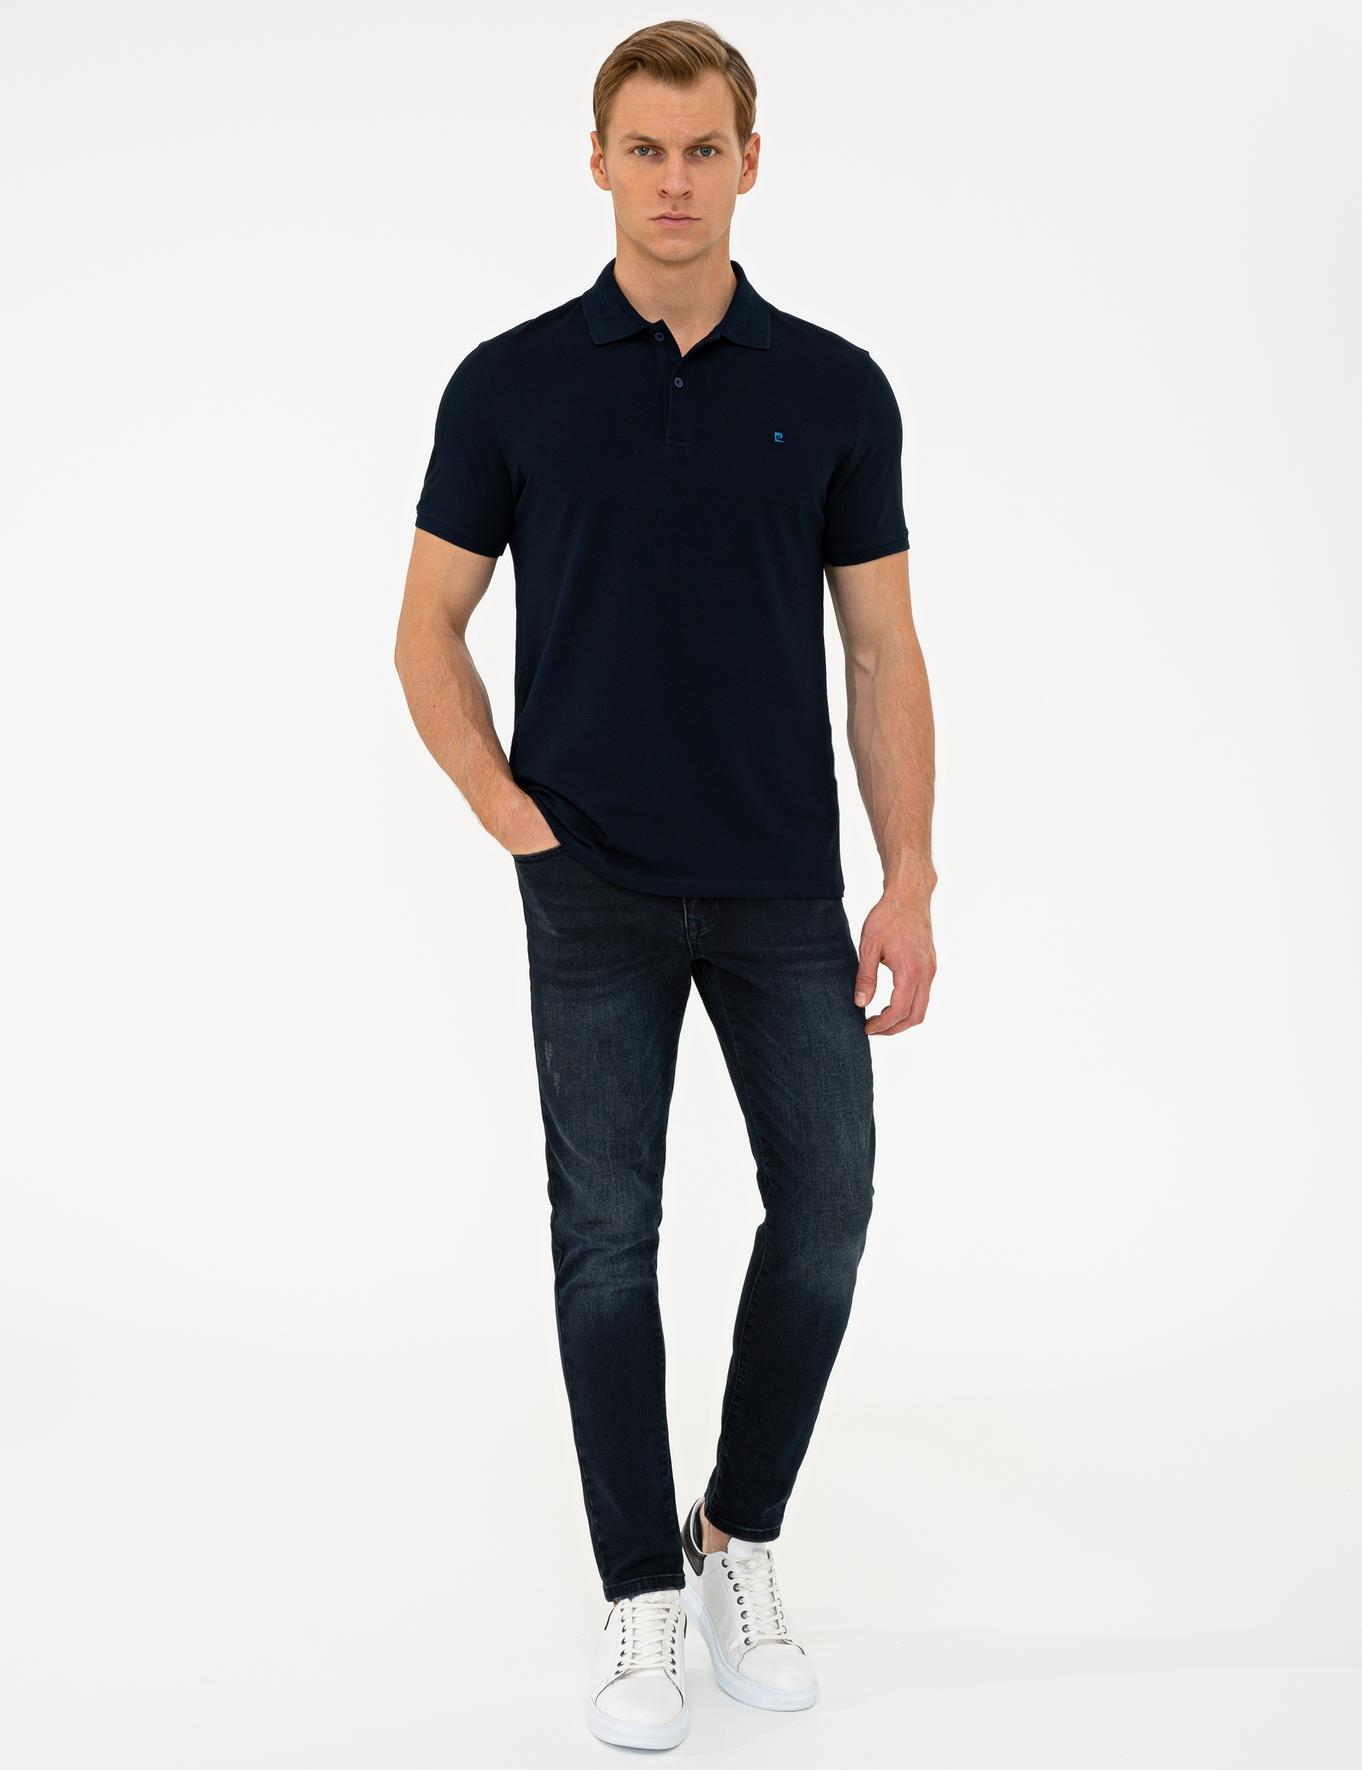 Koyu Lacivert Slim Fit Basic Polo Yaka T-Shirt